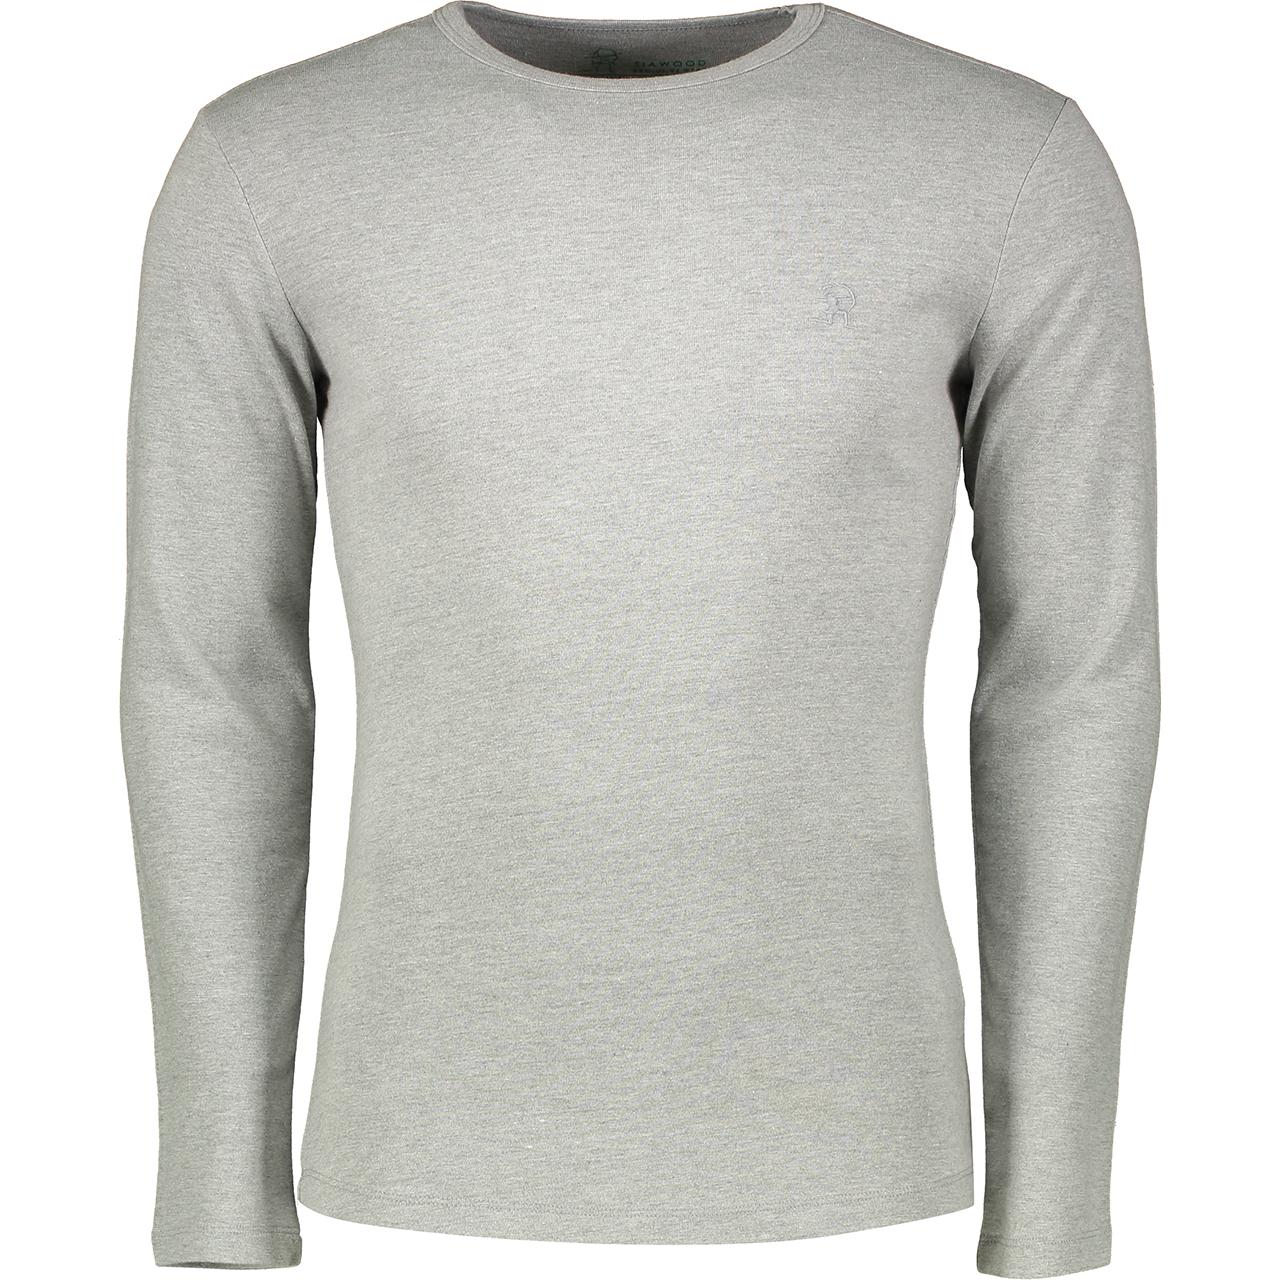 تی شرت مردانه سیاوود مدل CNECK-LS-B 32805 W0008